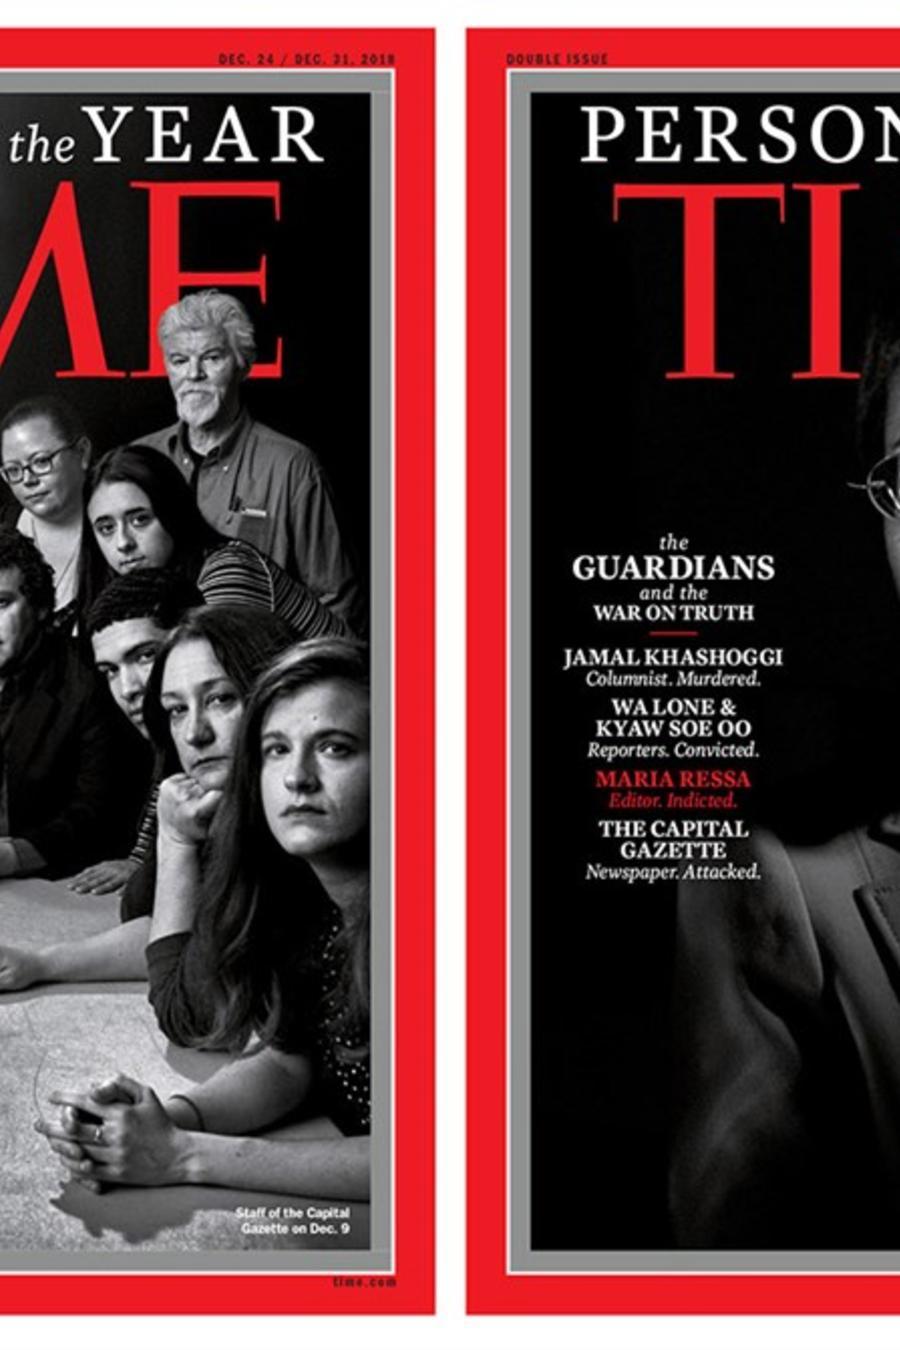 Portadas de la revista Time con la Persona del Año 2018